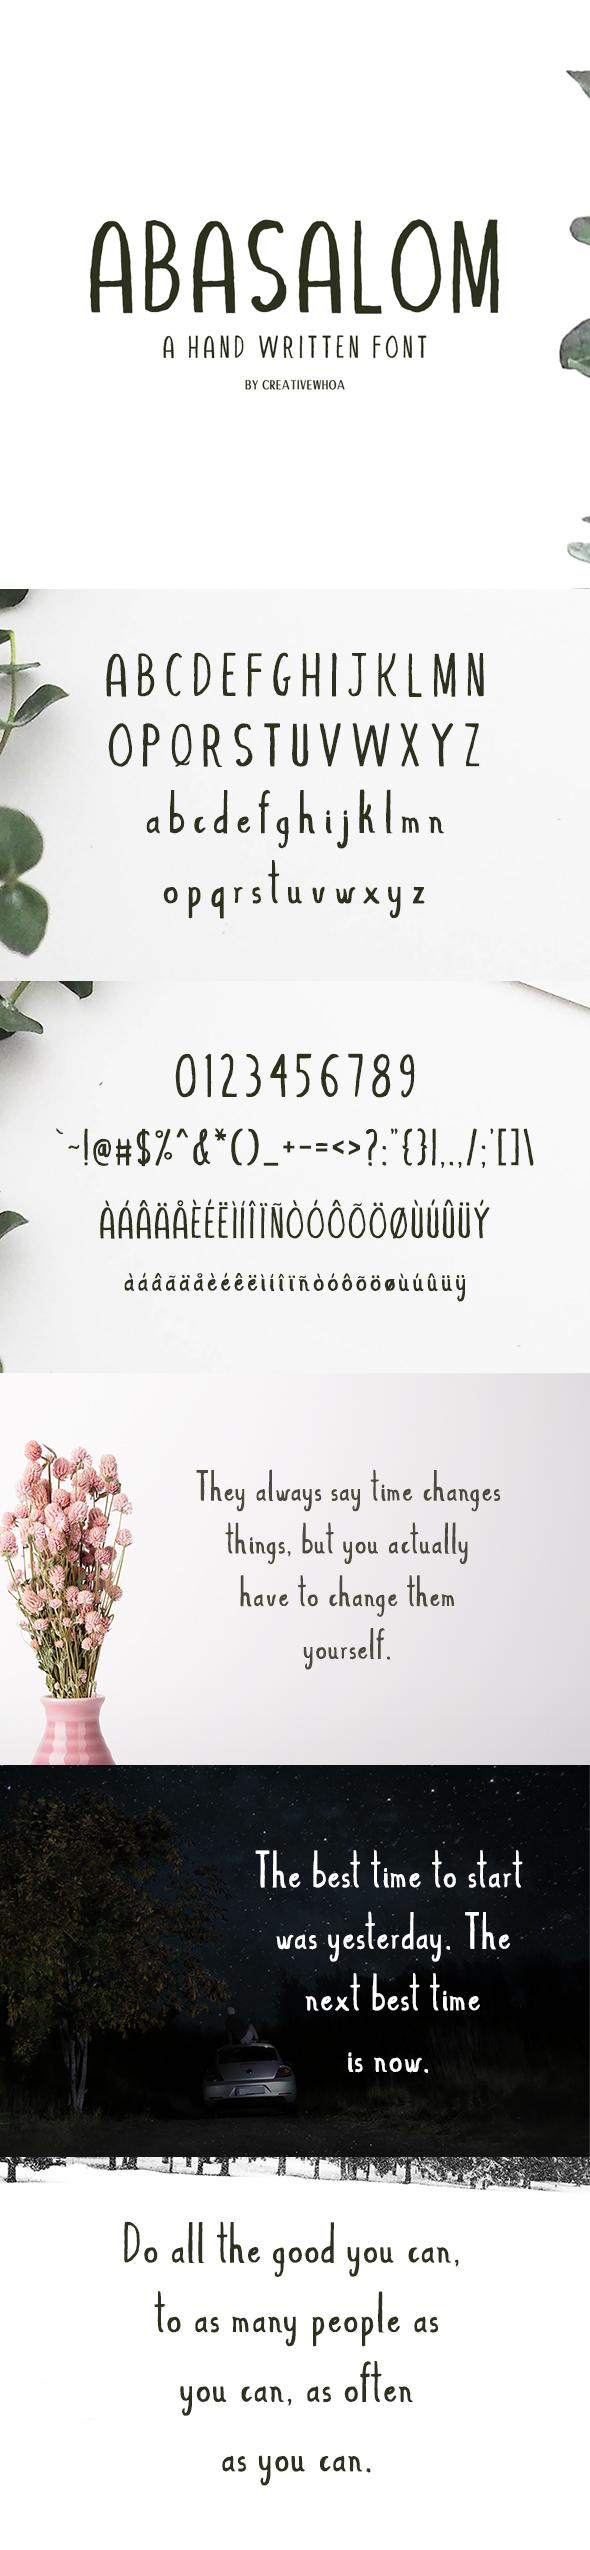 Abasalom A Handwritten Font - Hand-writing Script